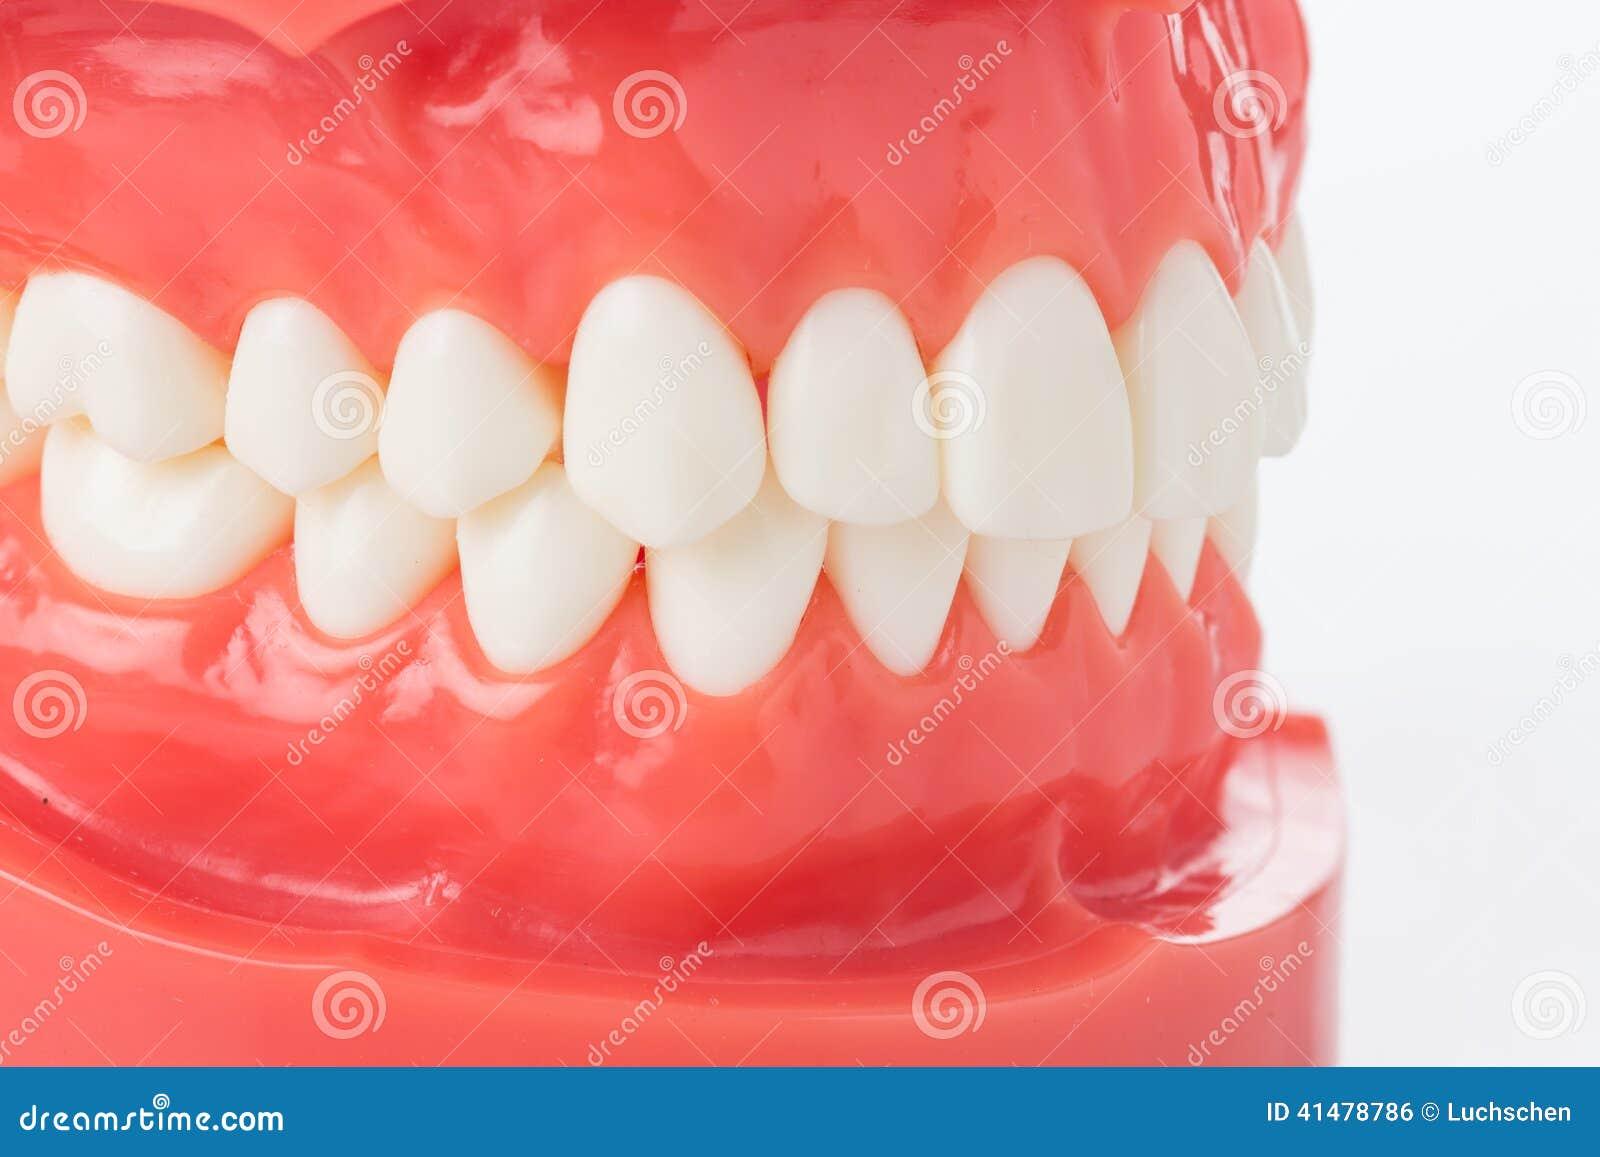 Modèle de mâchoire avec des dents